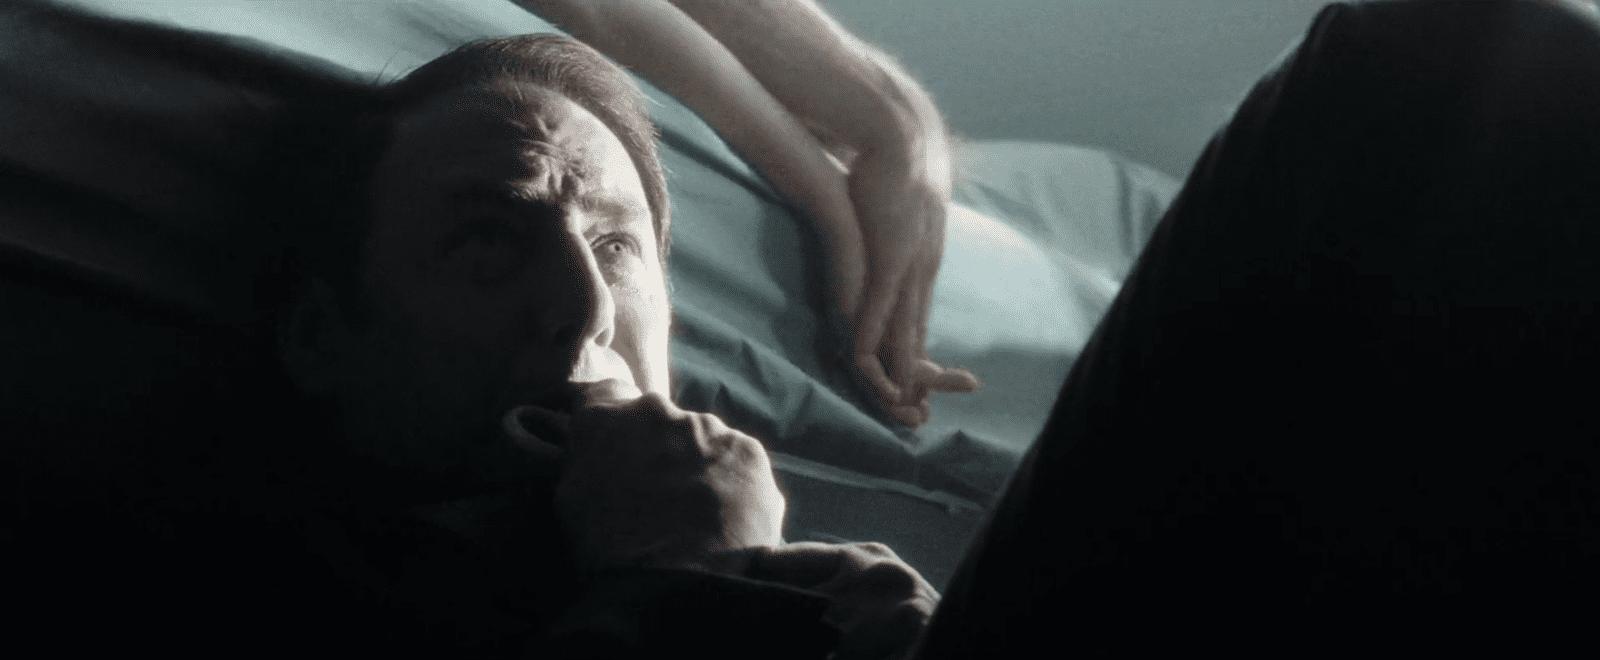 Der Mörder kurz vor seiner Tat. Filmstill aus Minority Report (Spielberg 2002).